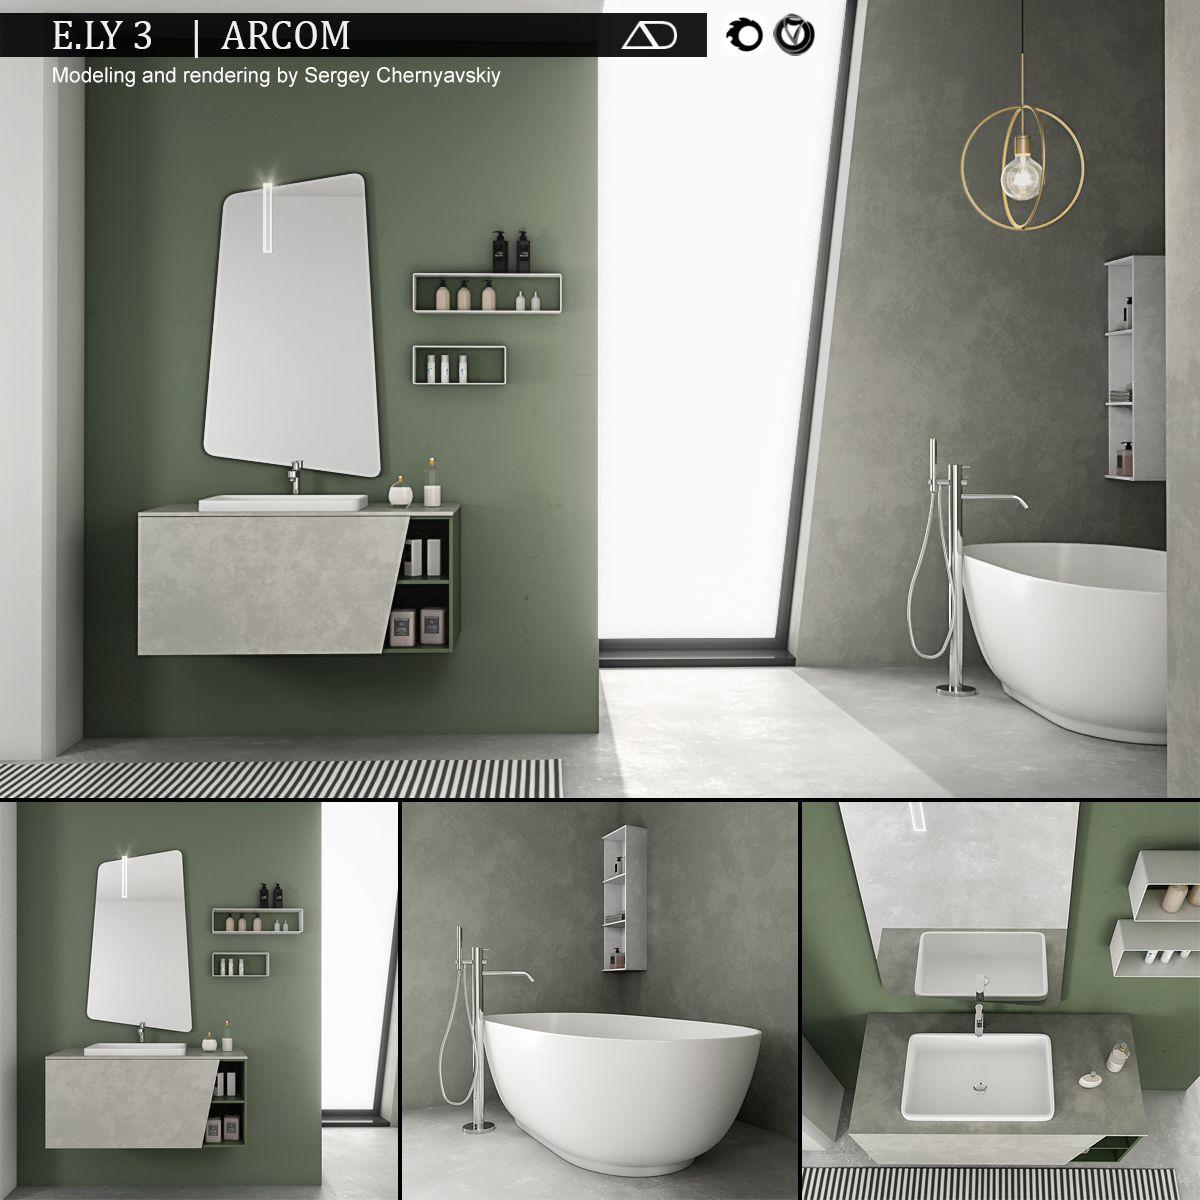 Bathroom furniture set Arcom e.Ly 3 #furniture, #Bathroom ...